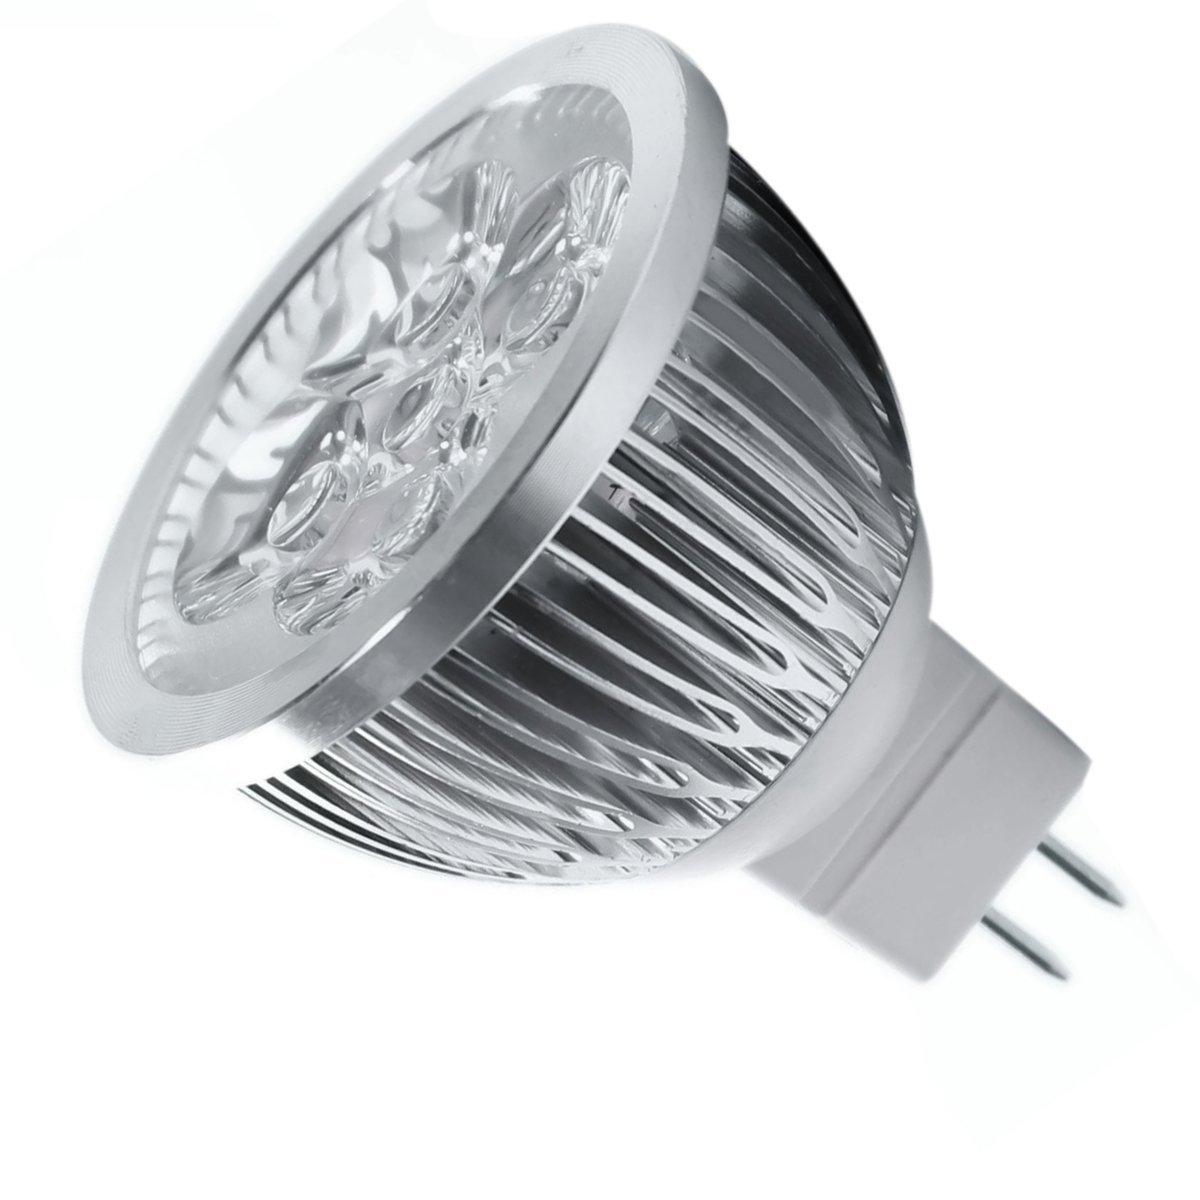 8 * 4W Dimmable MR16 LED Bulb - 3200K Warm White LED Spotlight - 50Watt Equivalent Bi Pin GU5.3 Base - 330 Lumen 60 Degree Beam 15w br40 led light bulb not dimmable e27 e26 screw base wide beam angle 120 degrees 100w halogen bulb equivalent